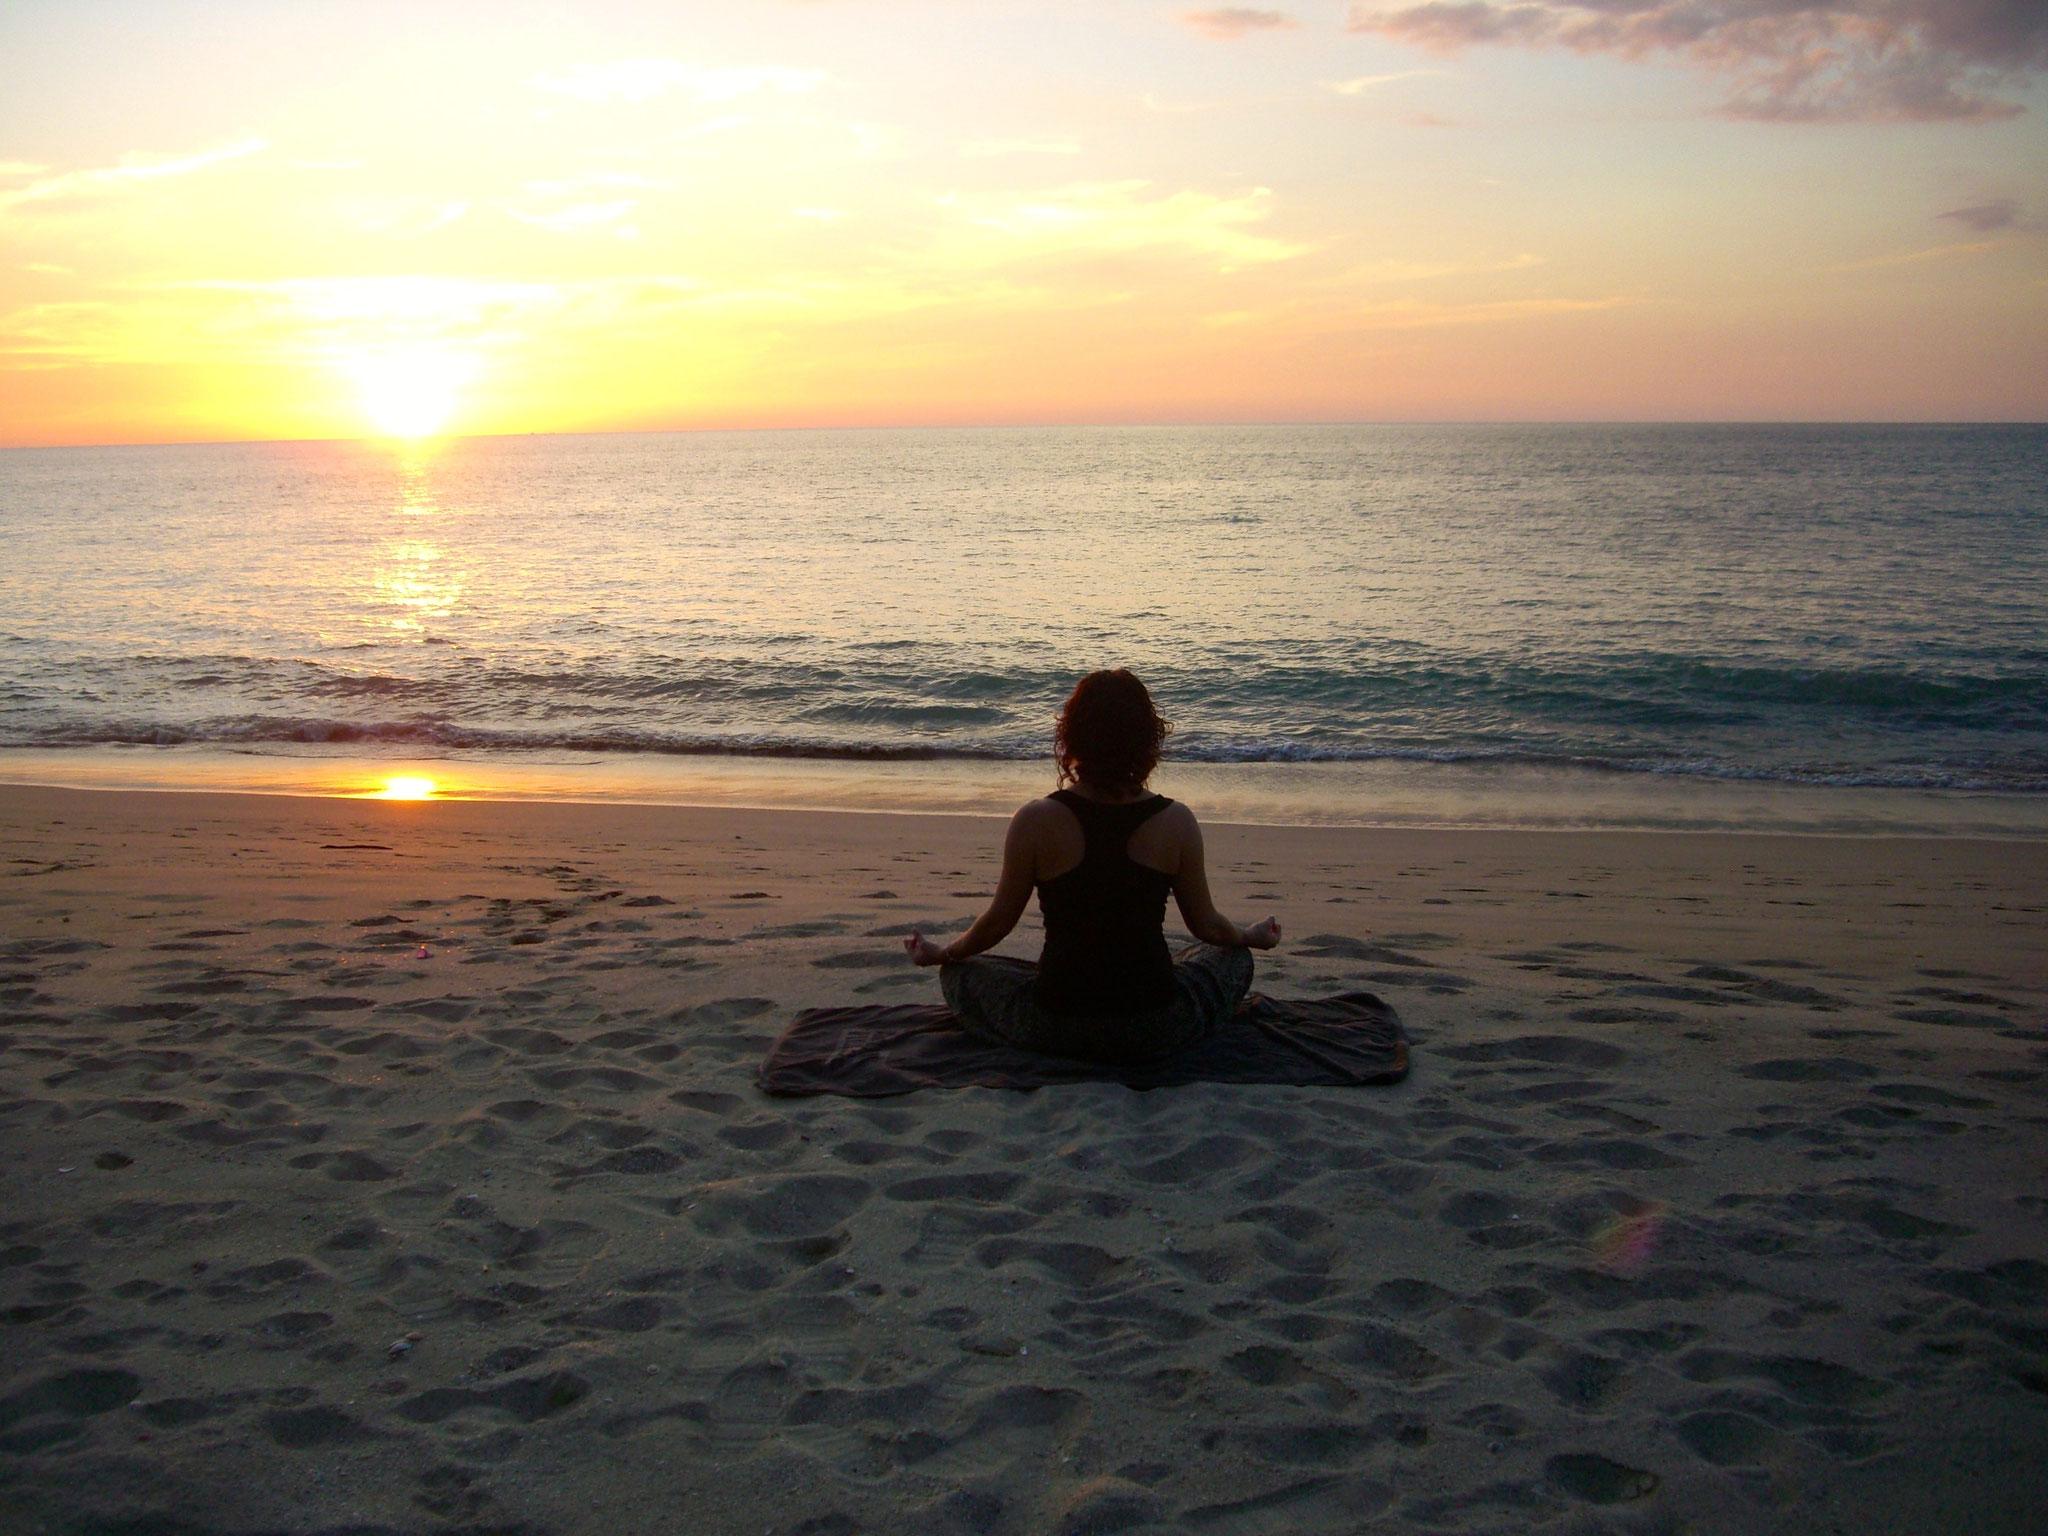 Beim Einatmen schenke ich meinem Körper Ruhe... beim Ausatmen lächle ich. Ich verweile im gegenwärtigen Moment , und weiss, es ist ein wunderbarer Moment.   Thich Nhat Hanh